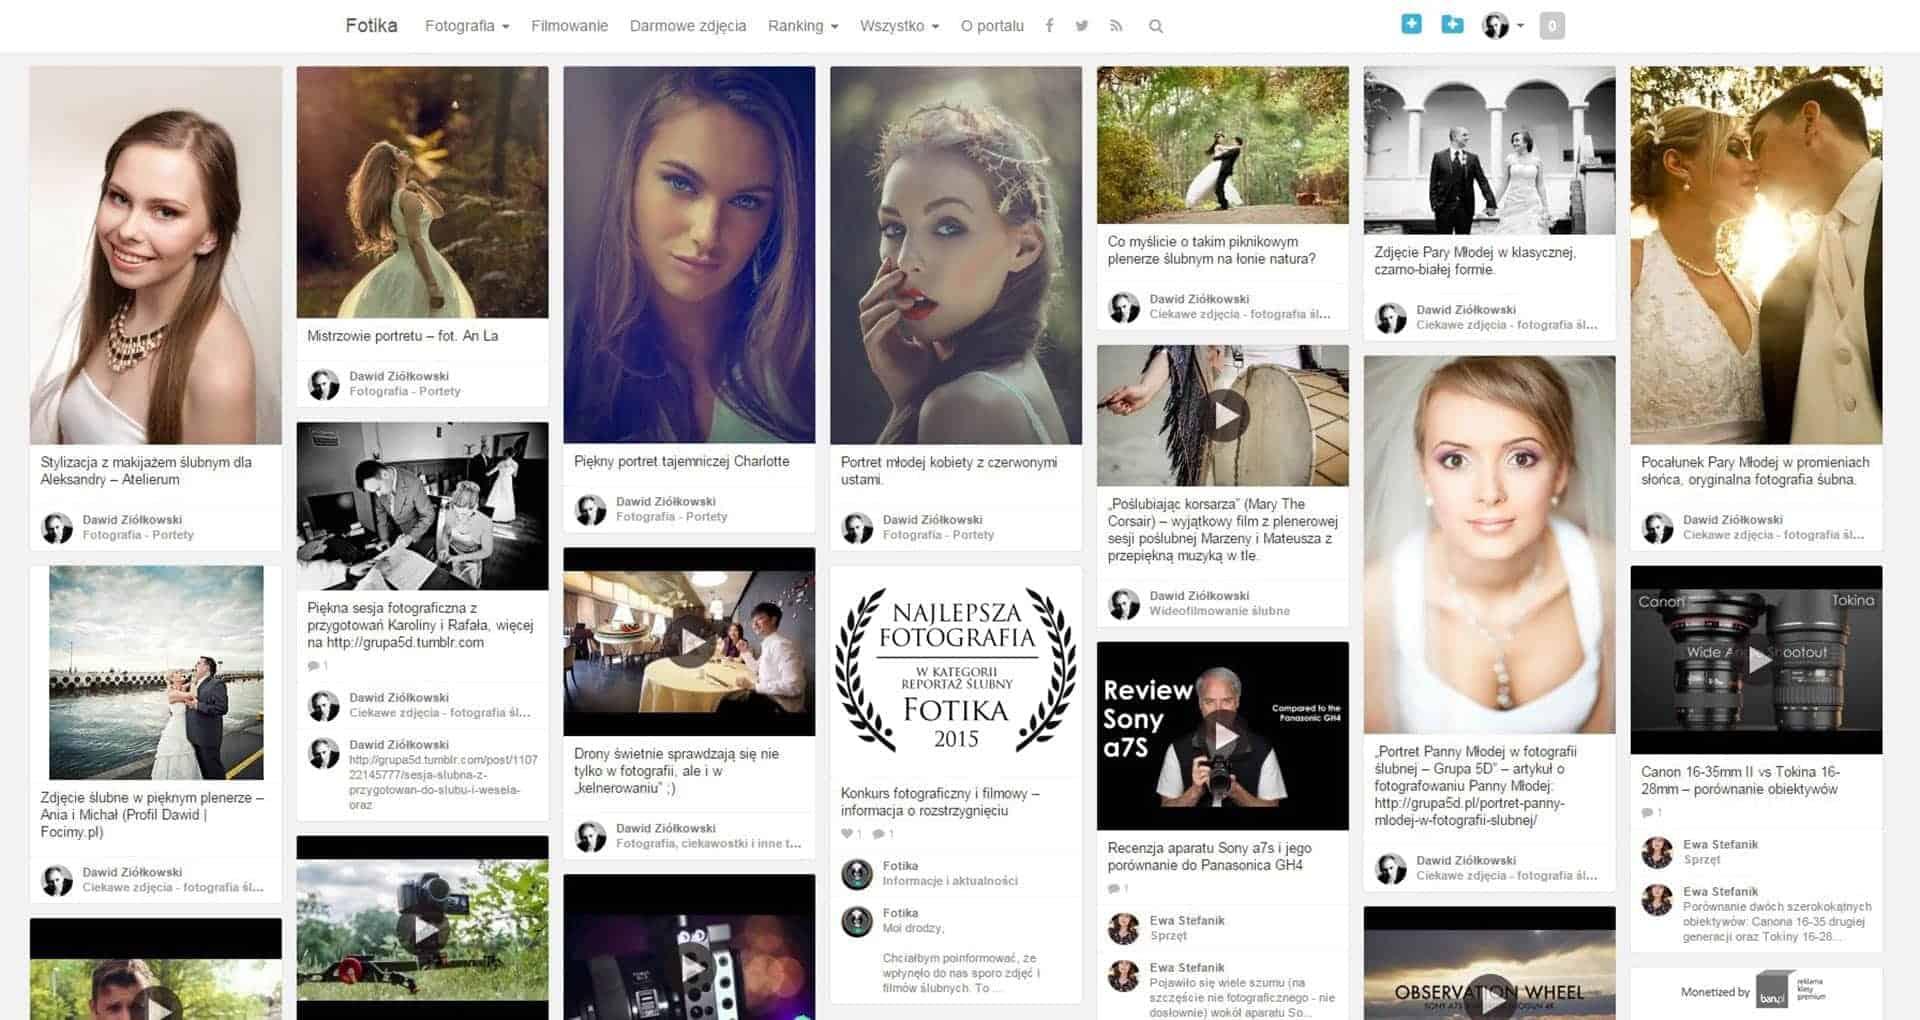 Portal internetowy dla fotografów - Fotika